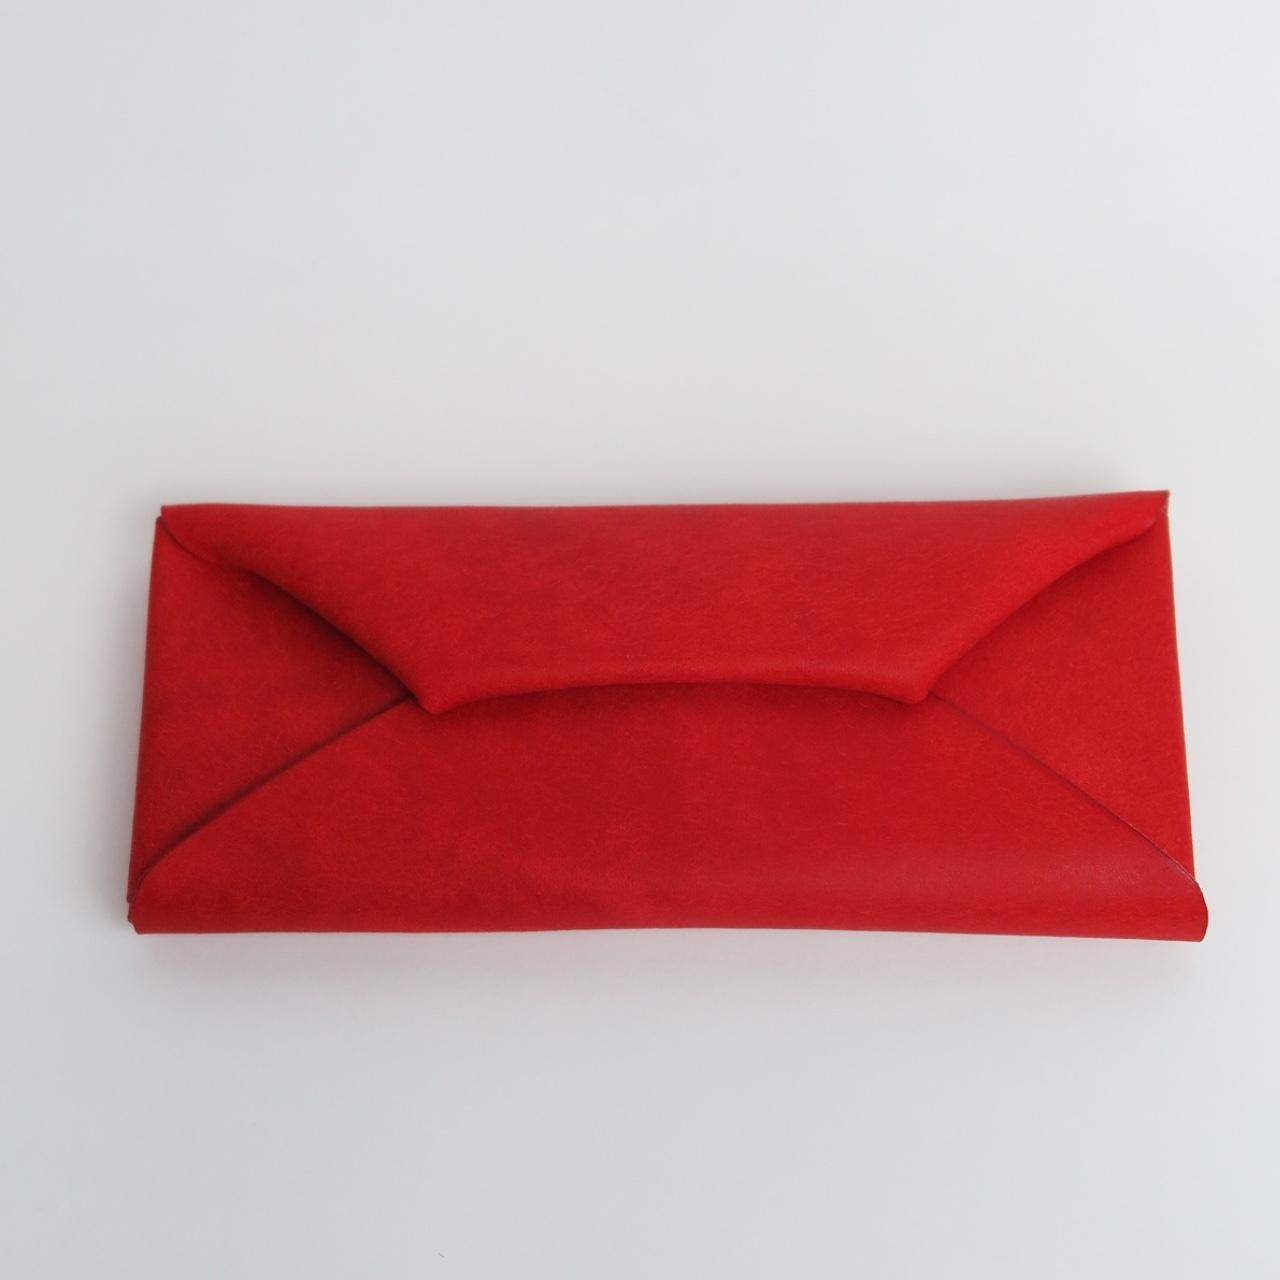 【saranam】orikomi  wallet(large) / 【サラナン】折り込み 財布 (大)